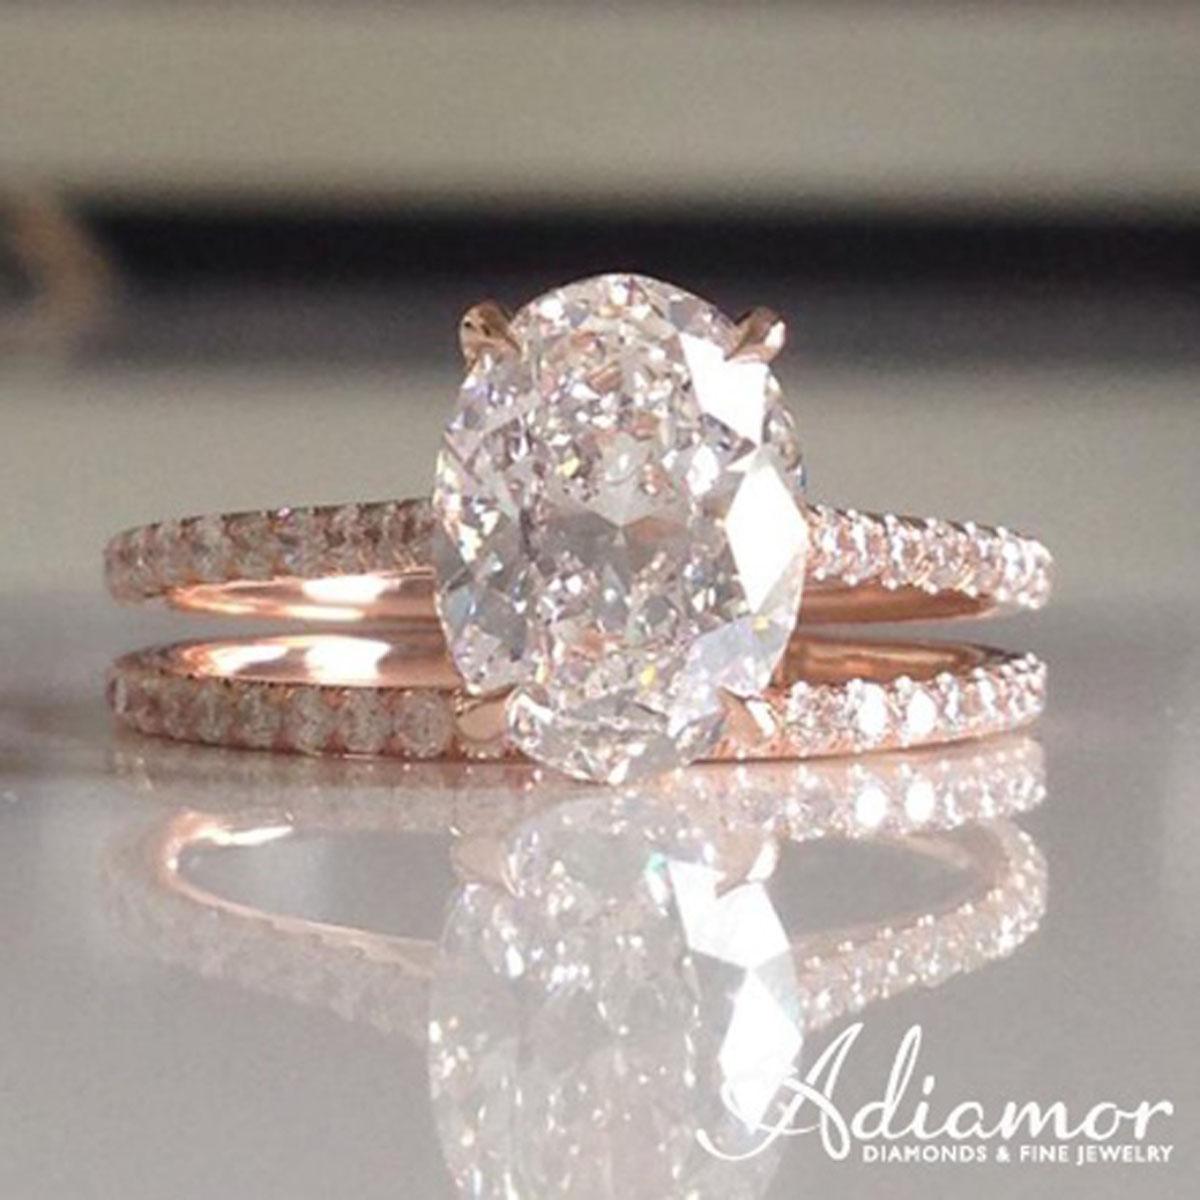 Adiamor Blog – Engagement Ring Loose Diamond & Diamond Jewelry News